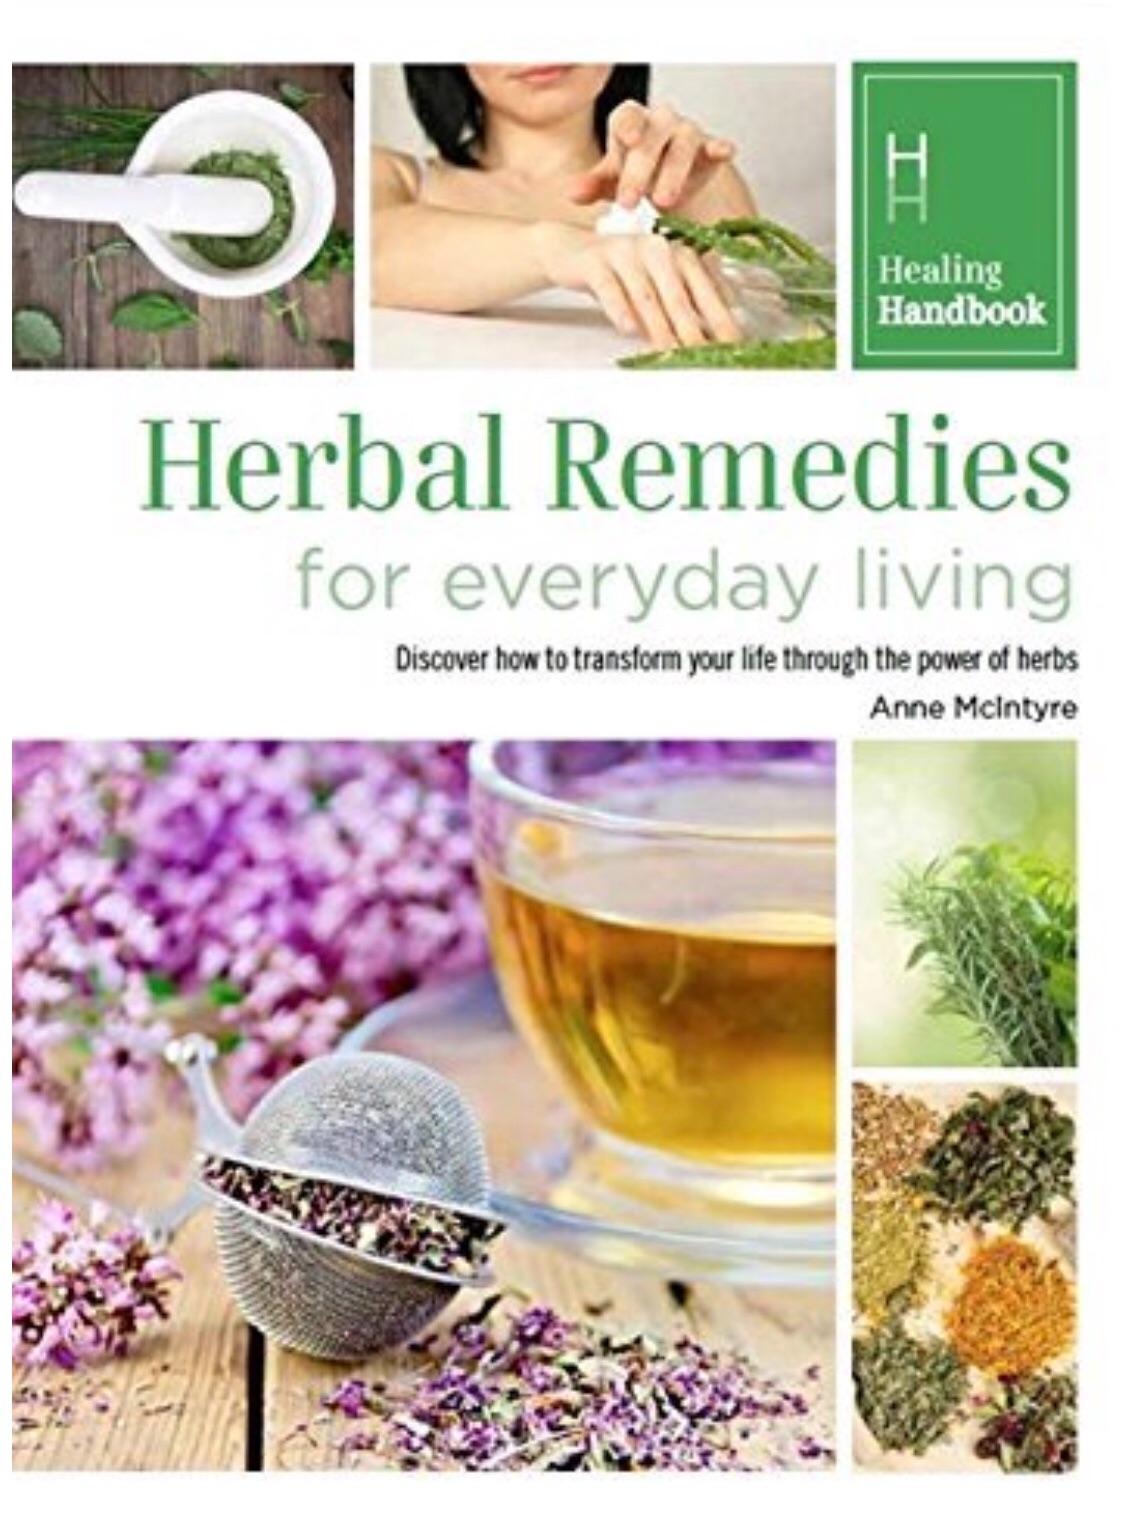 Healing Handbook - Herbal Remedies for Everyday Living